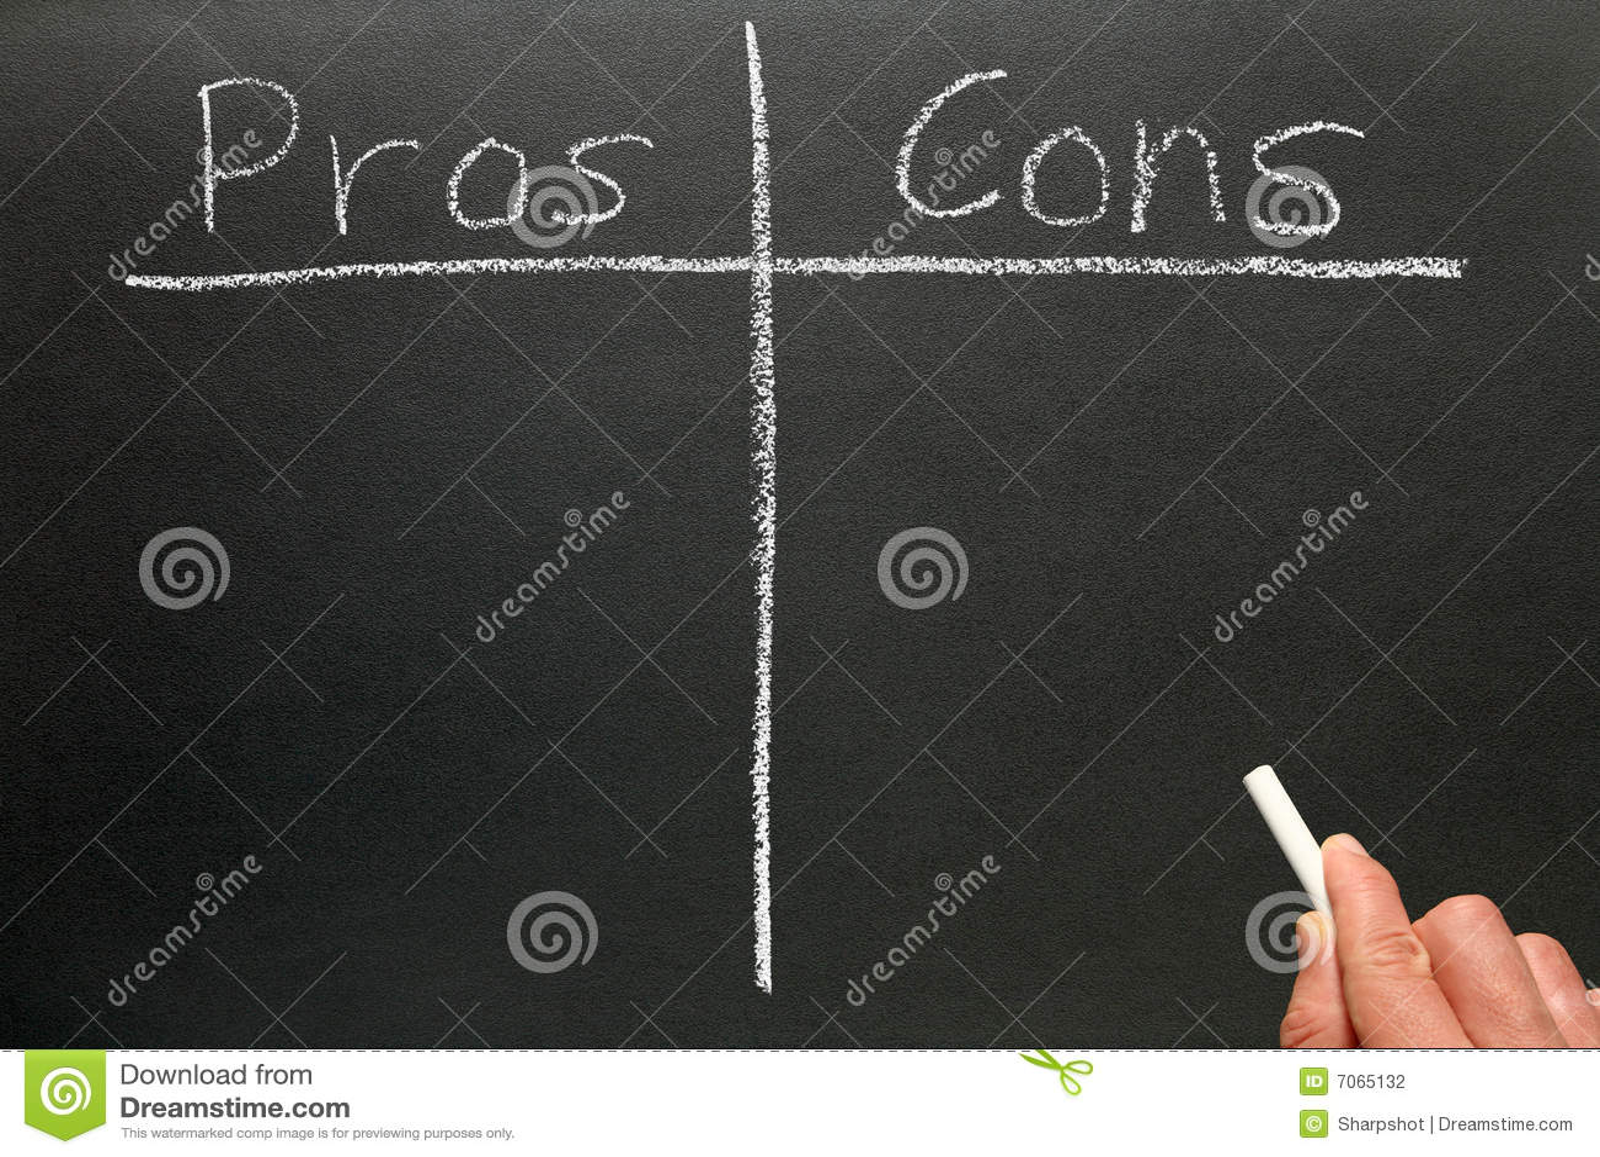 Writing pros